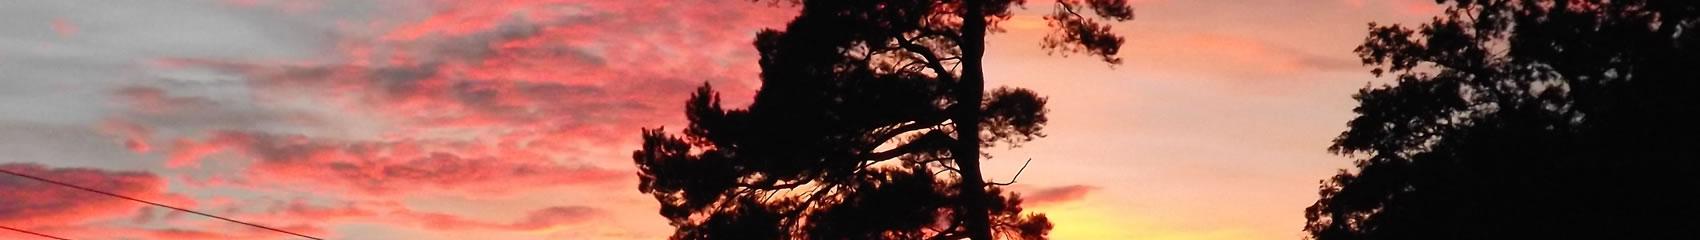 sunset-slider-19